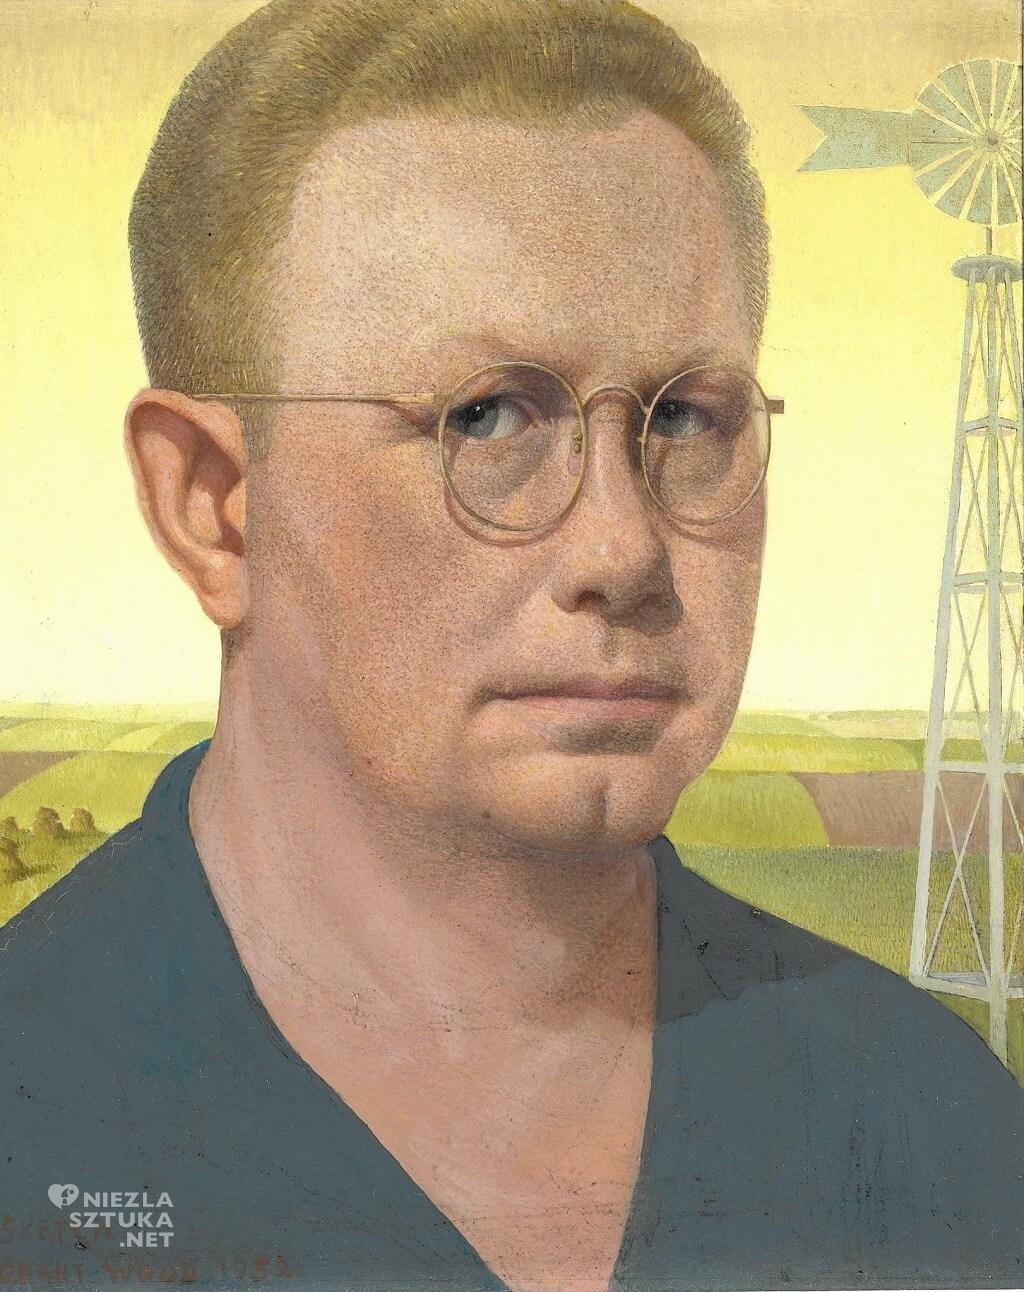 Grant Wood, Autoportret, sztuka amerykańska, Niezła Sztuka